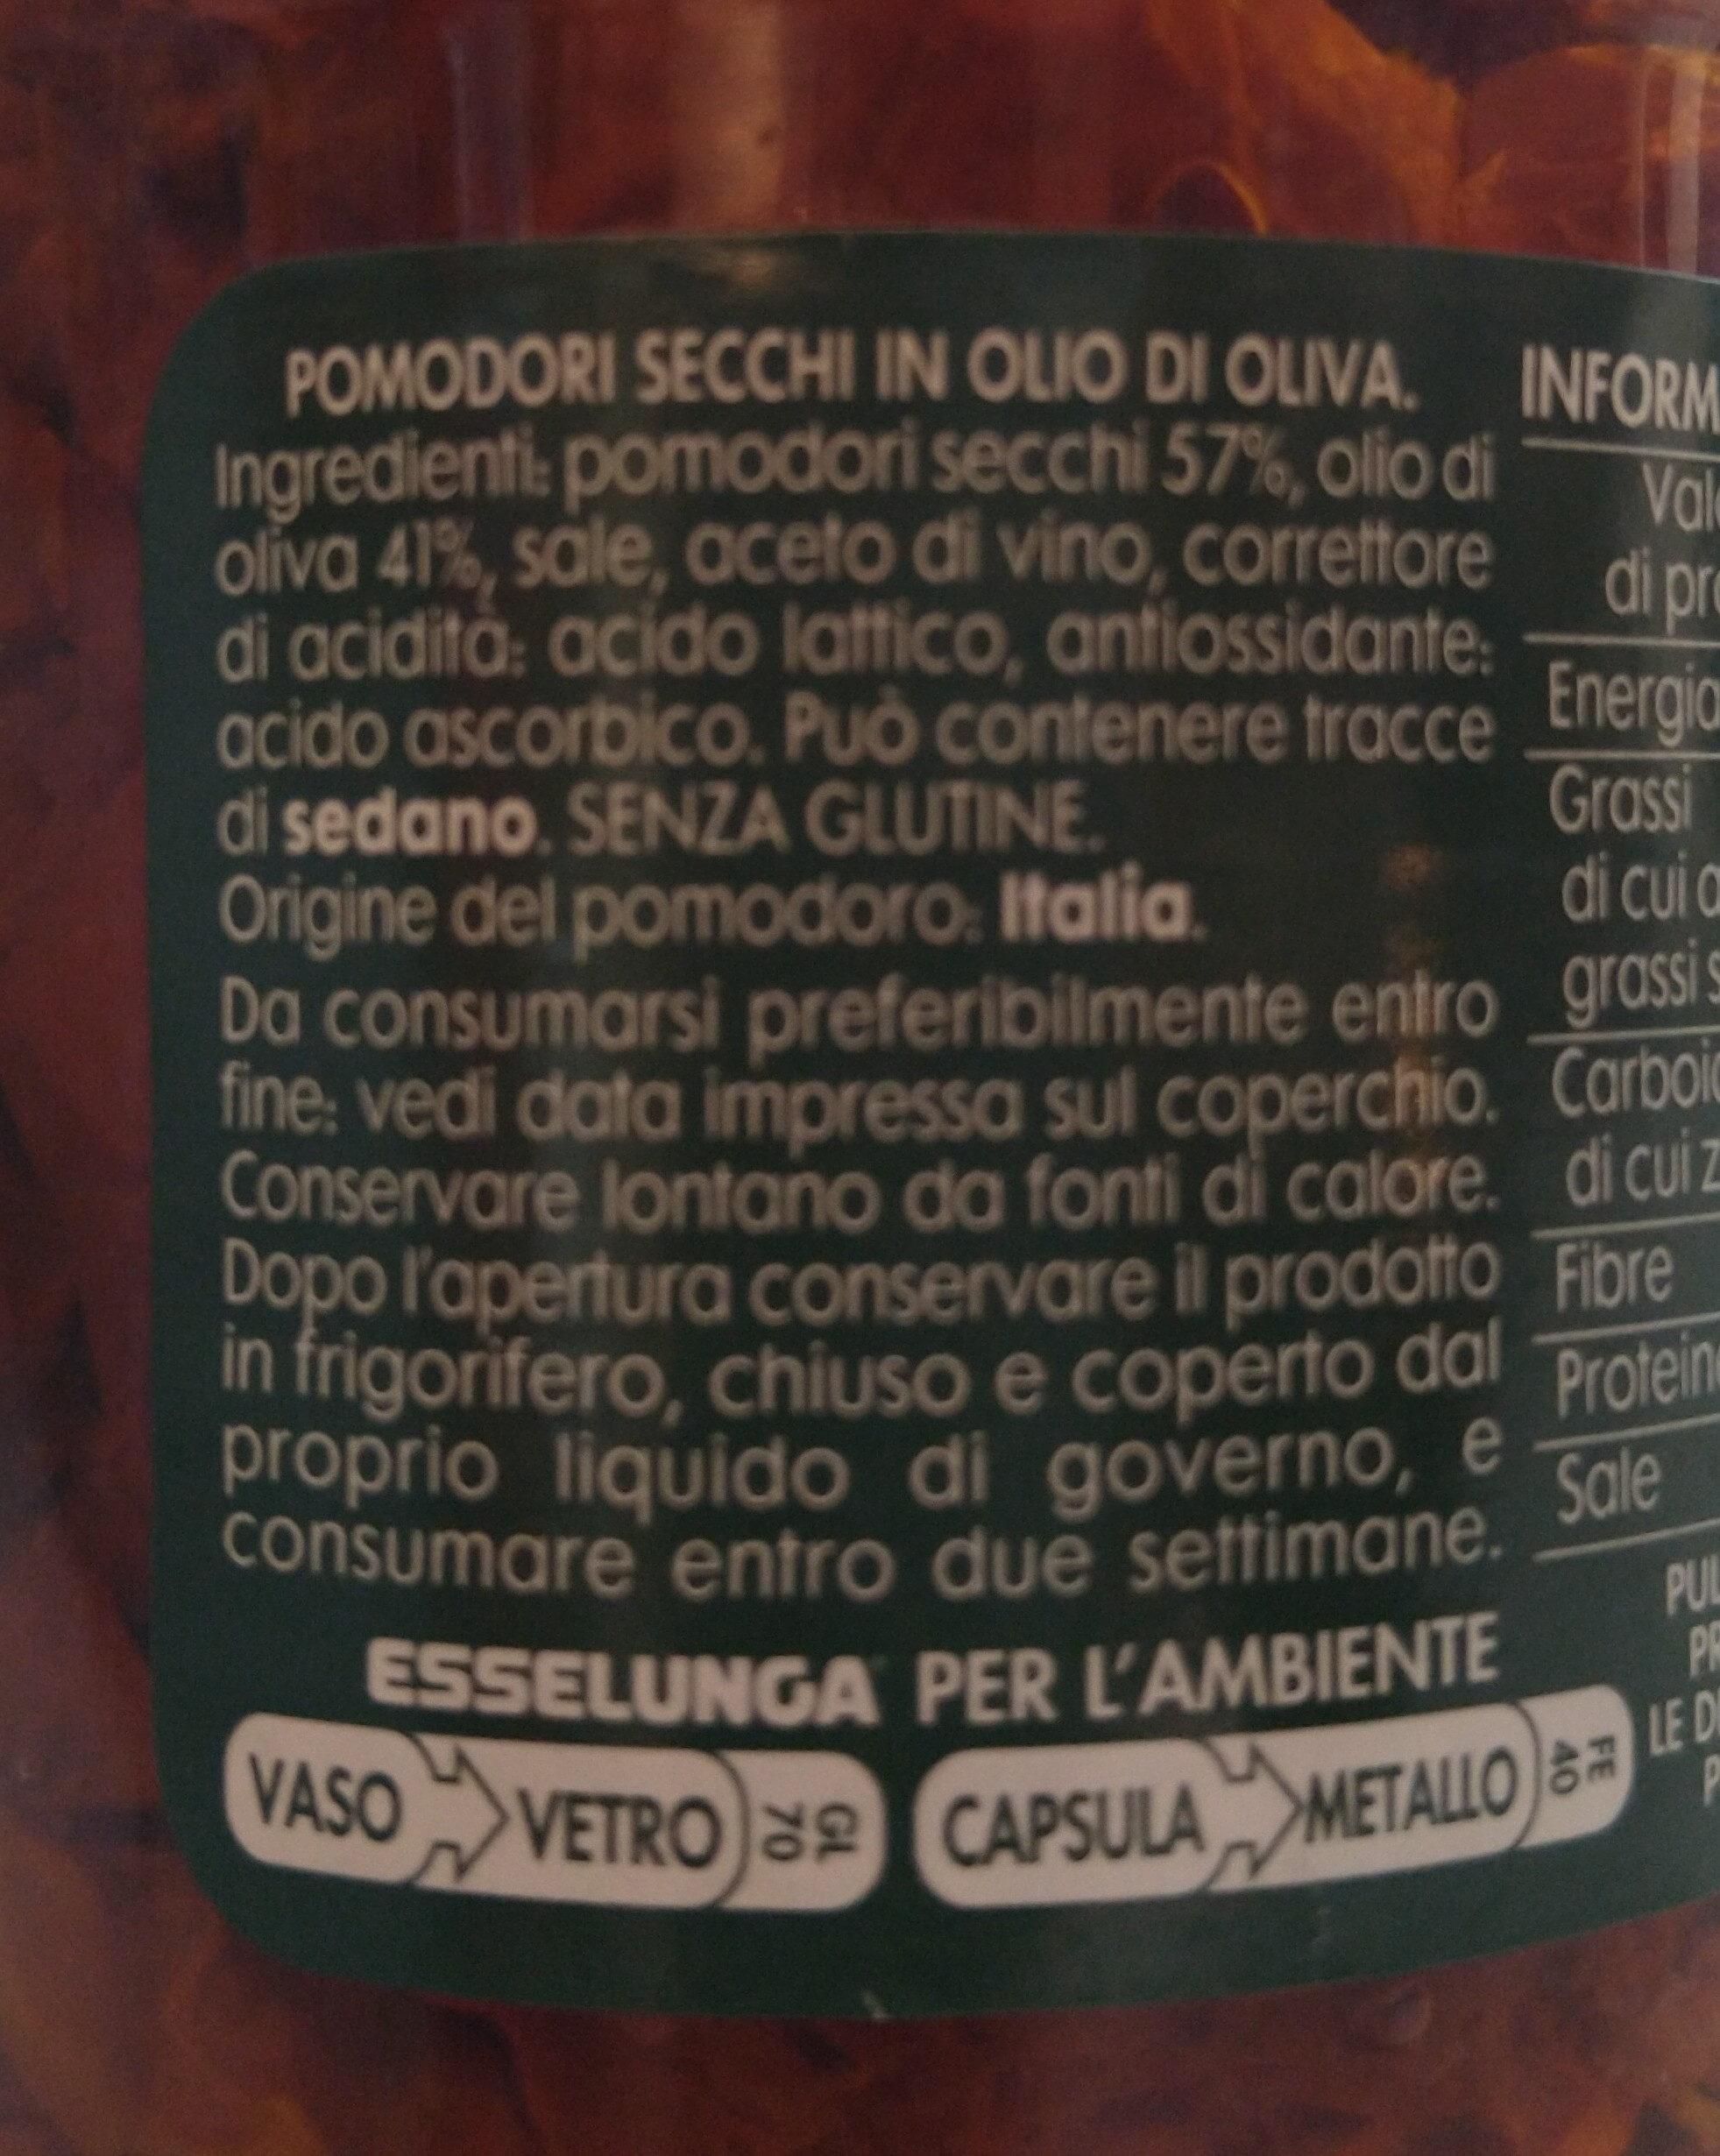 Pomodori Secchi - Ingredients - it